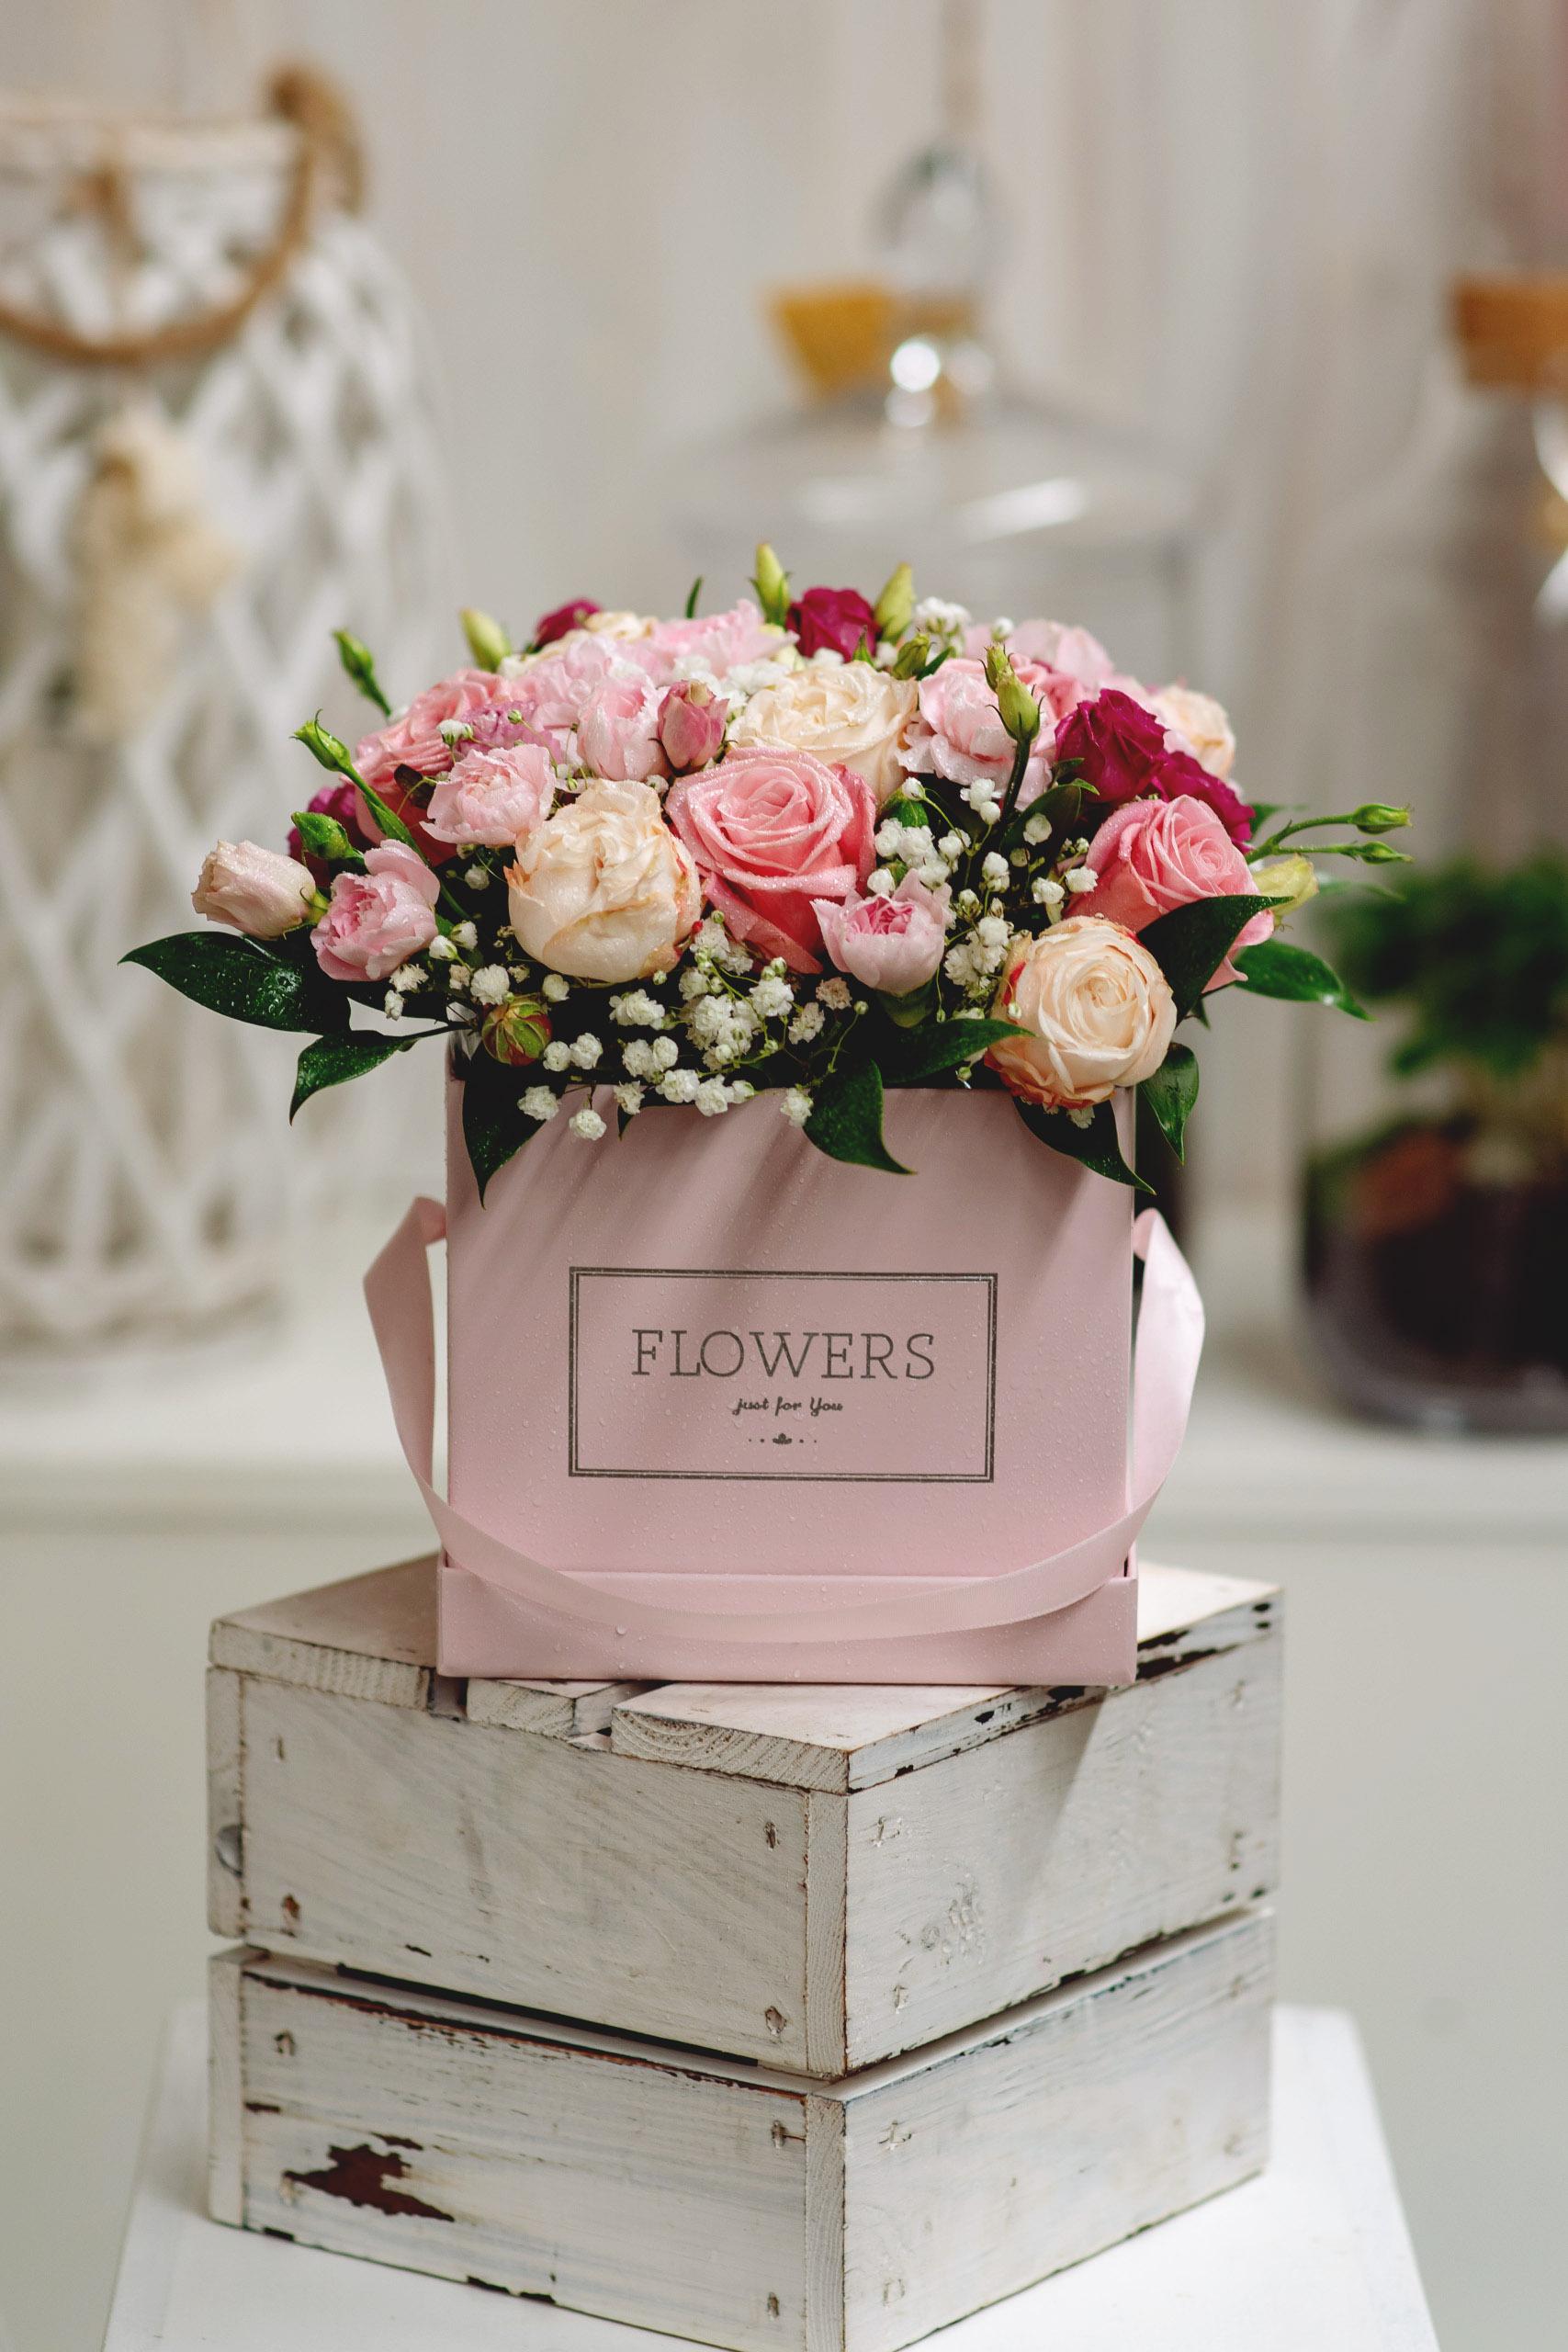 FlowerboksL